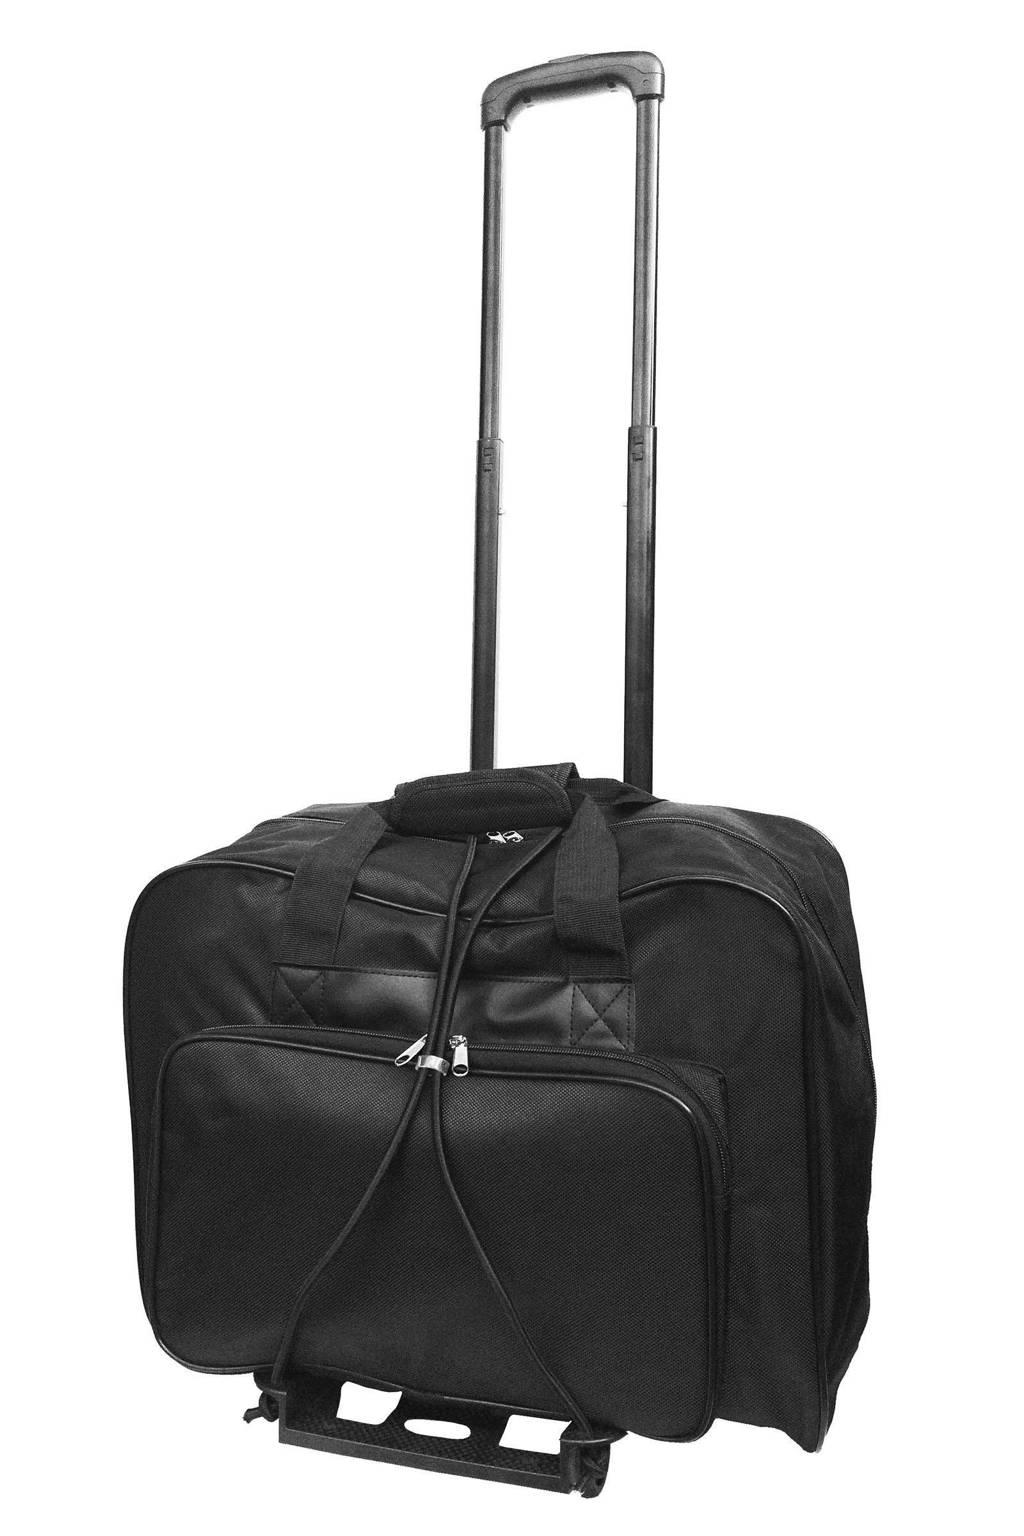 Toyota ER-9TR trolley bag